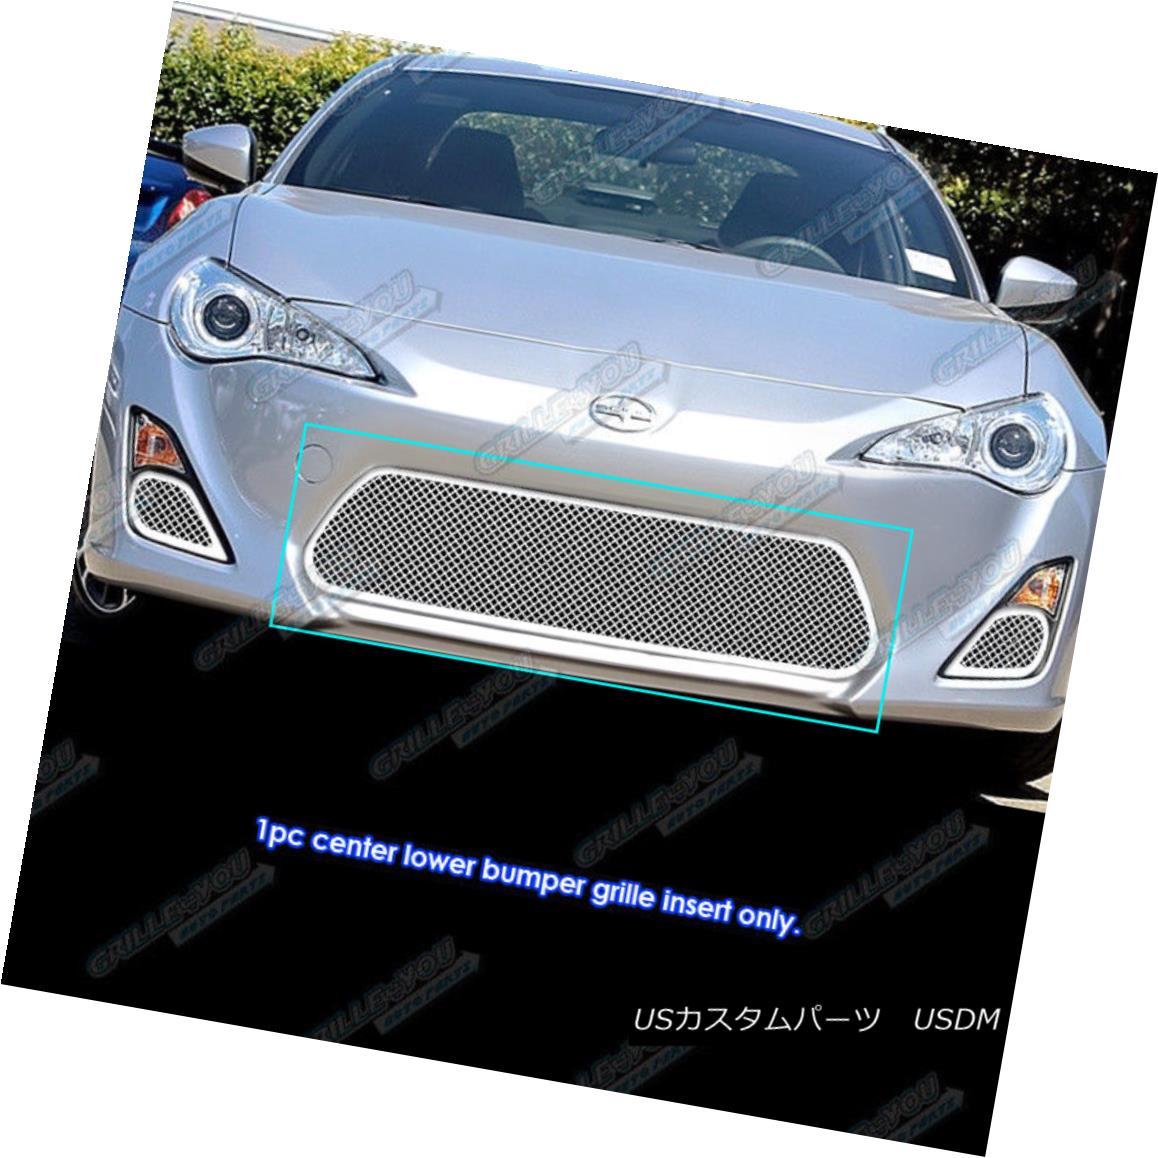 グリル Fits 2013-2016 Scion FR-S Stainless Steel Lower Bumper Mesh Grille Insert Scion FR-Sステンレススチールロワーバンパーメッシュグリルインサート